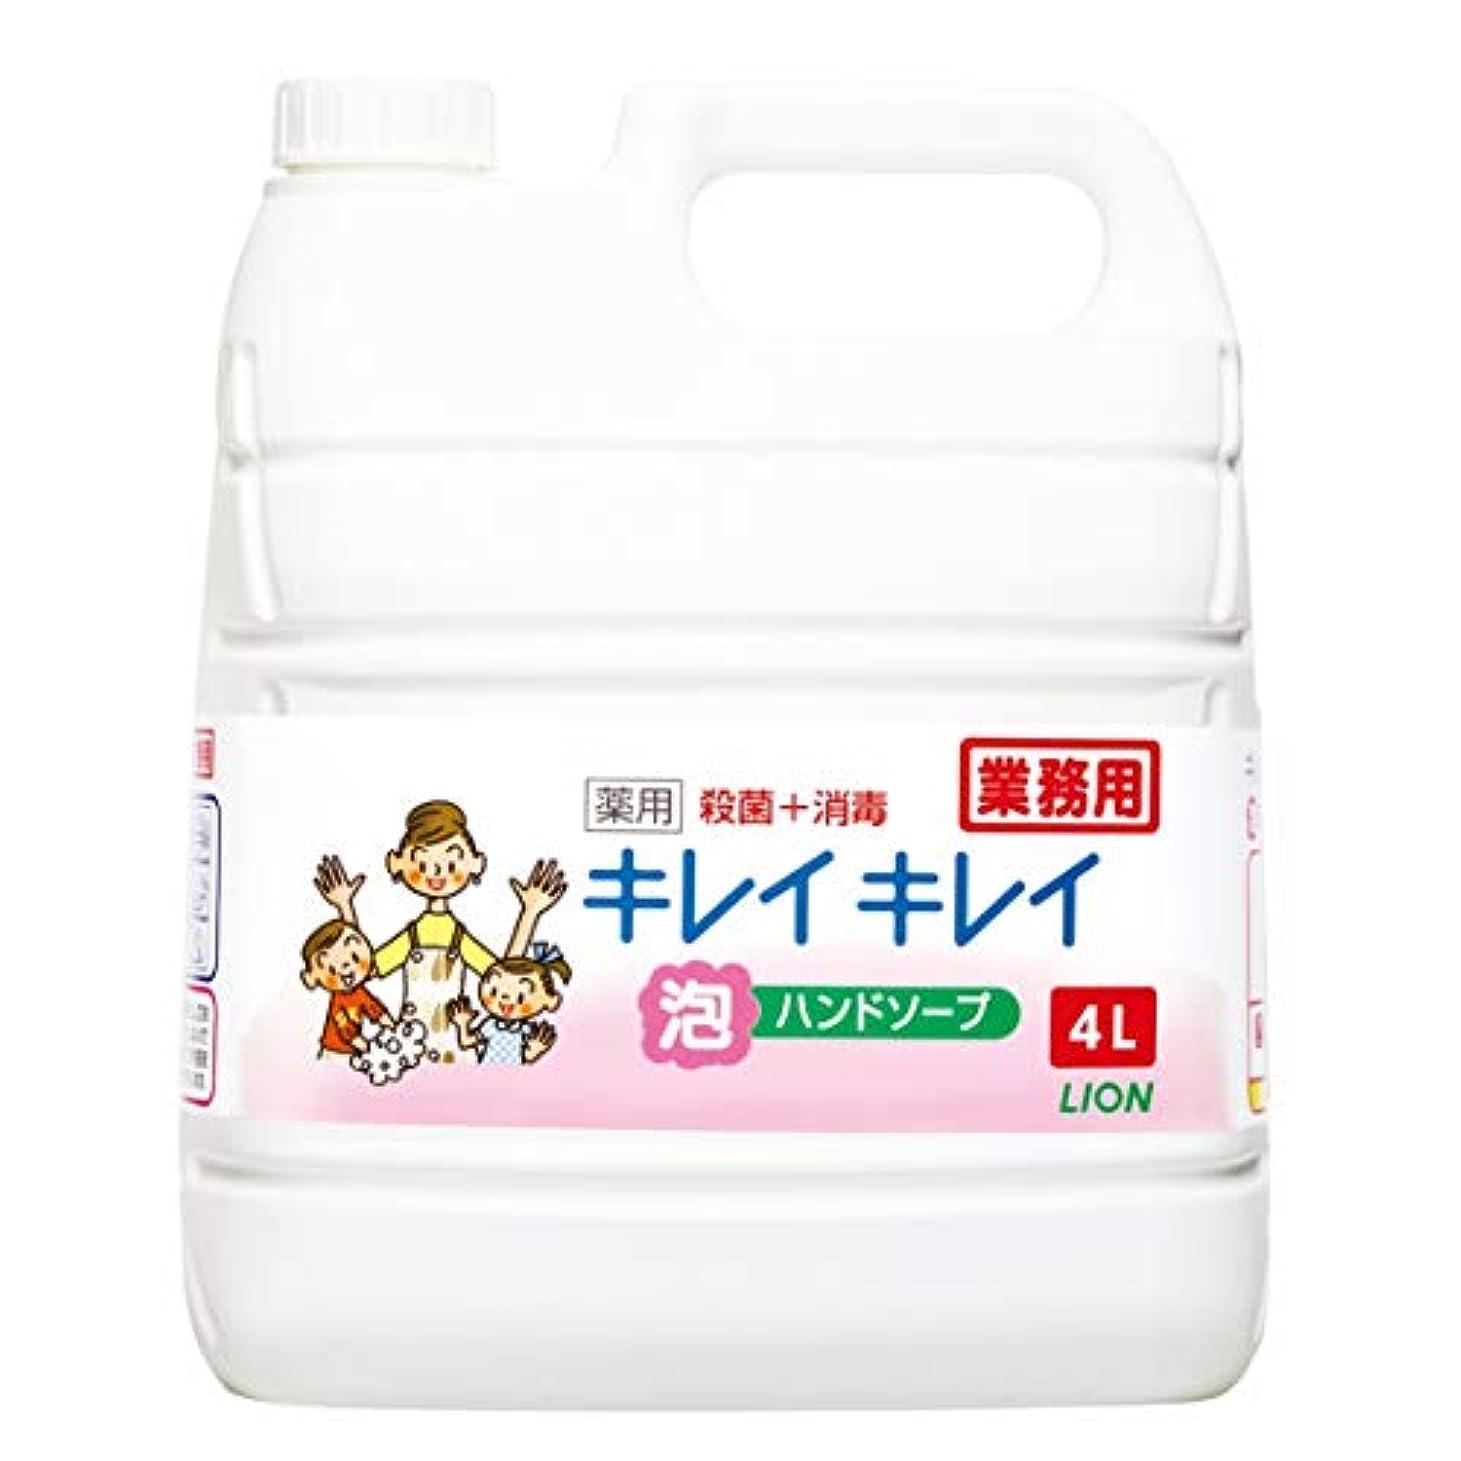 腐敗チャールズキージングもう一度【業務用 大容量】キレイキレイ 薬用 泡ハンドソープ シトラスフルーティの香り 液体 単品 4L(医薬部外品)